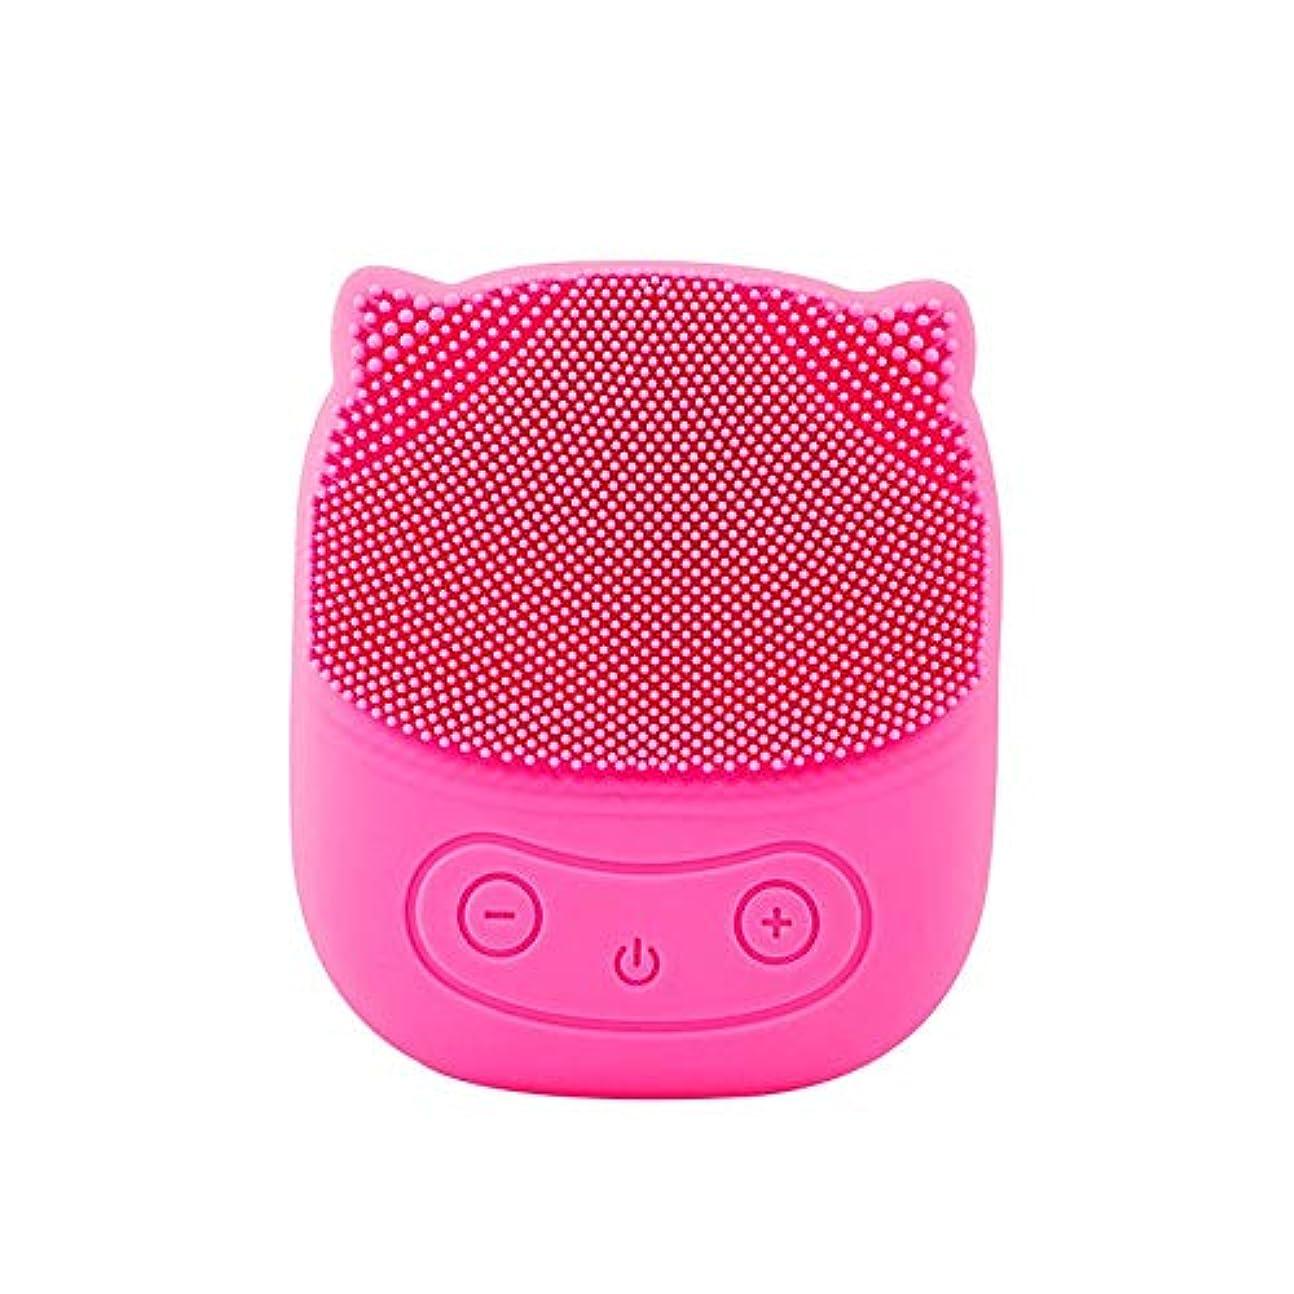 お風呂放棄防水シリコンクレンジング器具ポアクレンジング振動フェイシャルマッサージ美容器具ウォッシュアーティファクト (Color : Rose red)